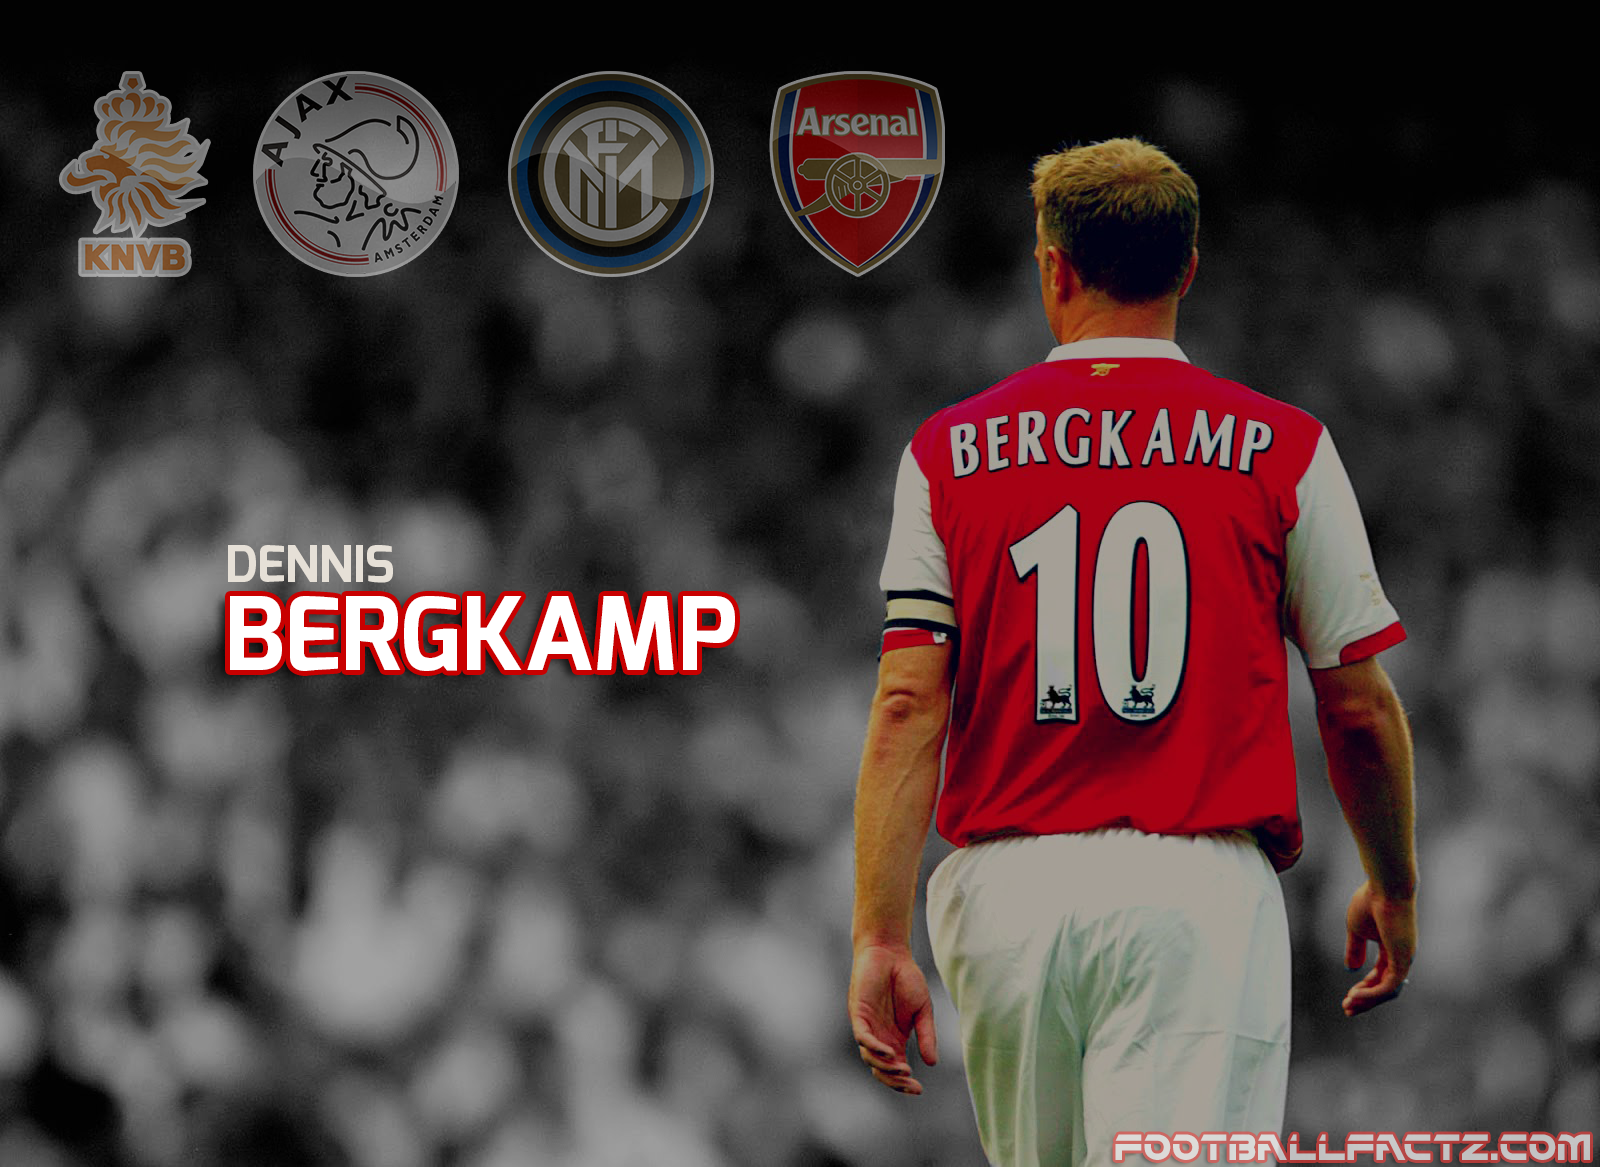 Dennis Bergkamp career